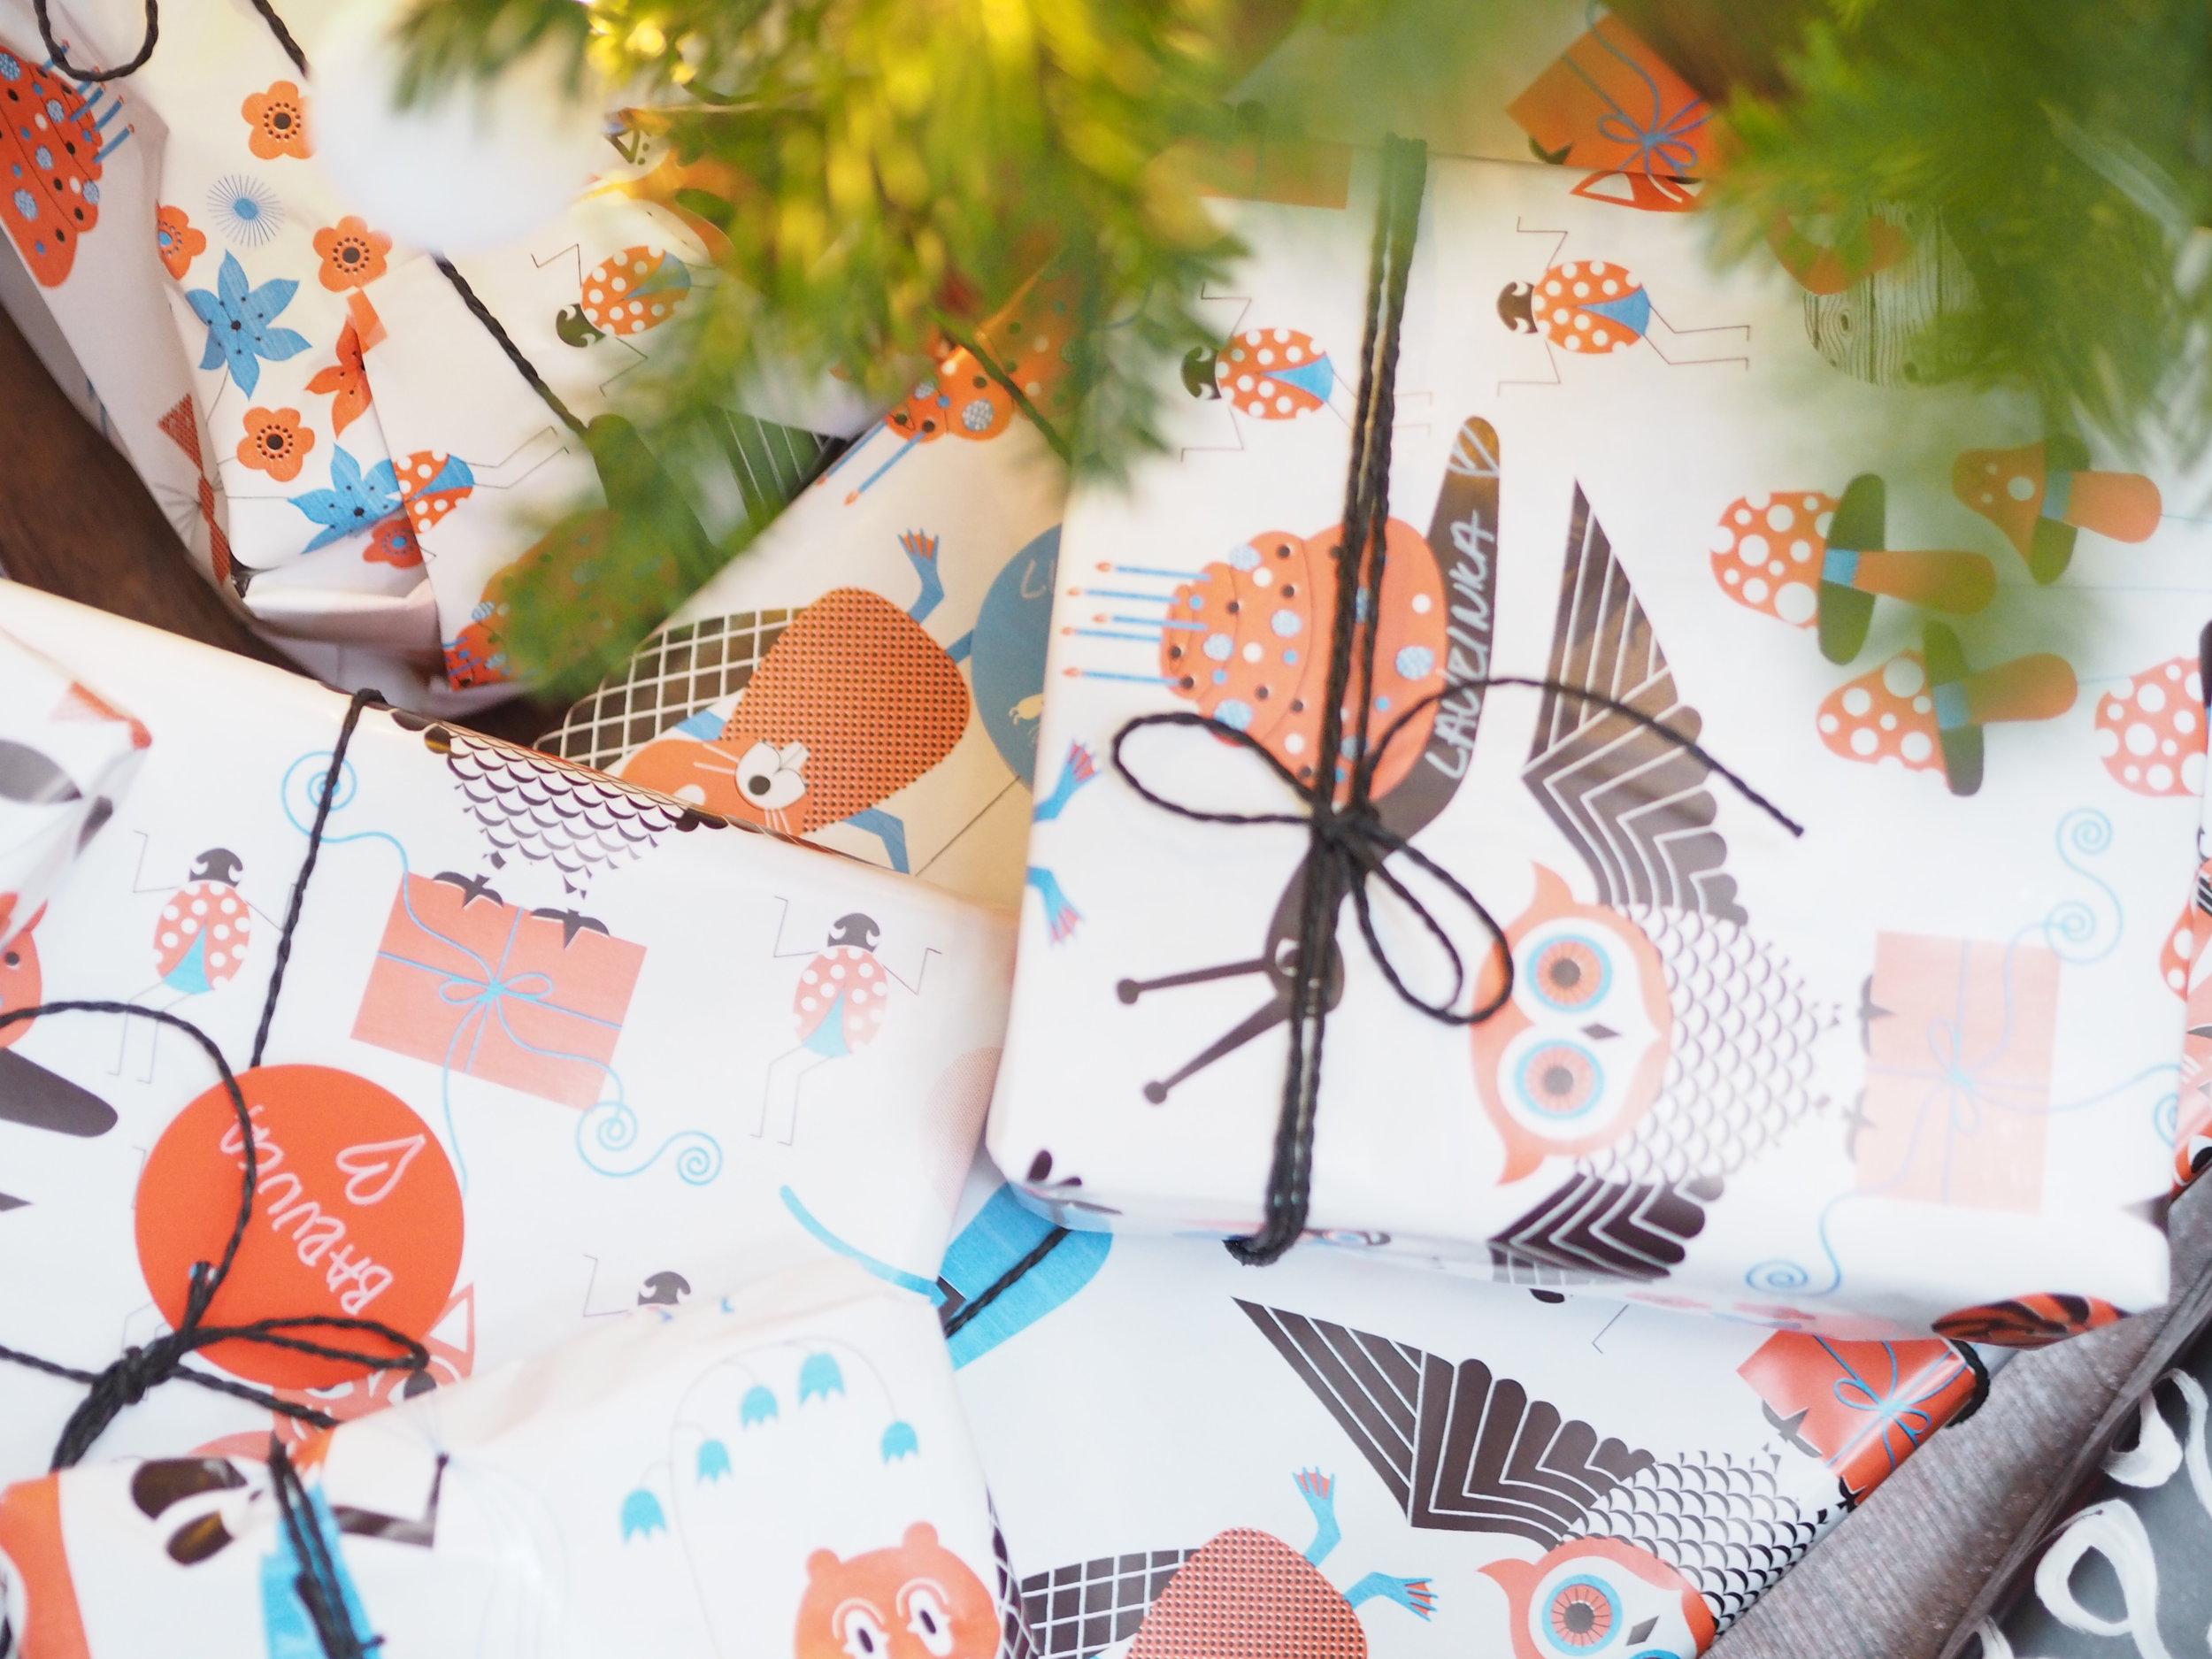 Detail zabalených dárečků pro děti...